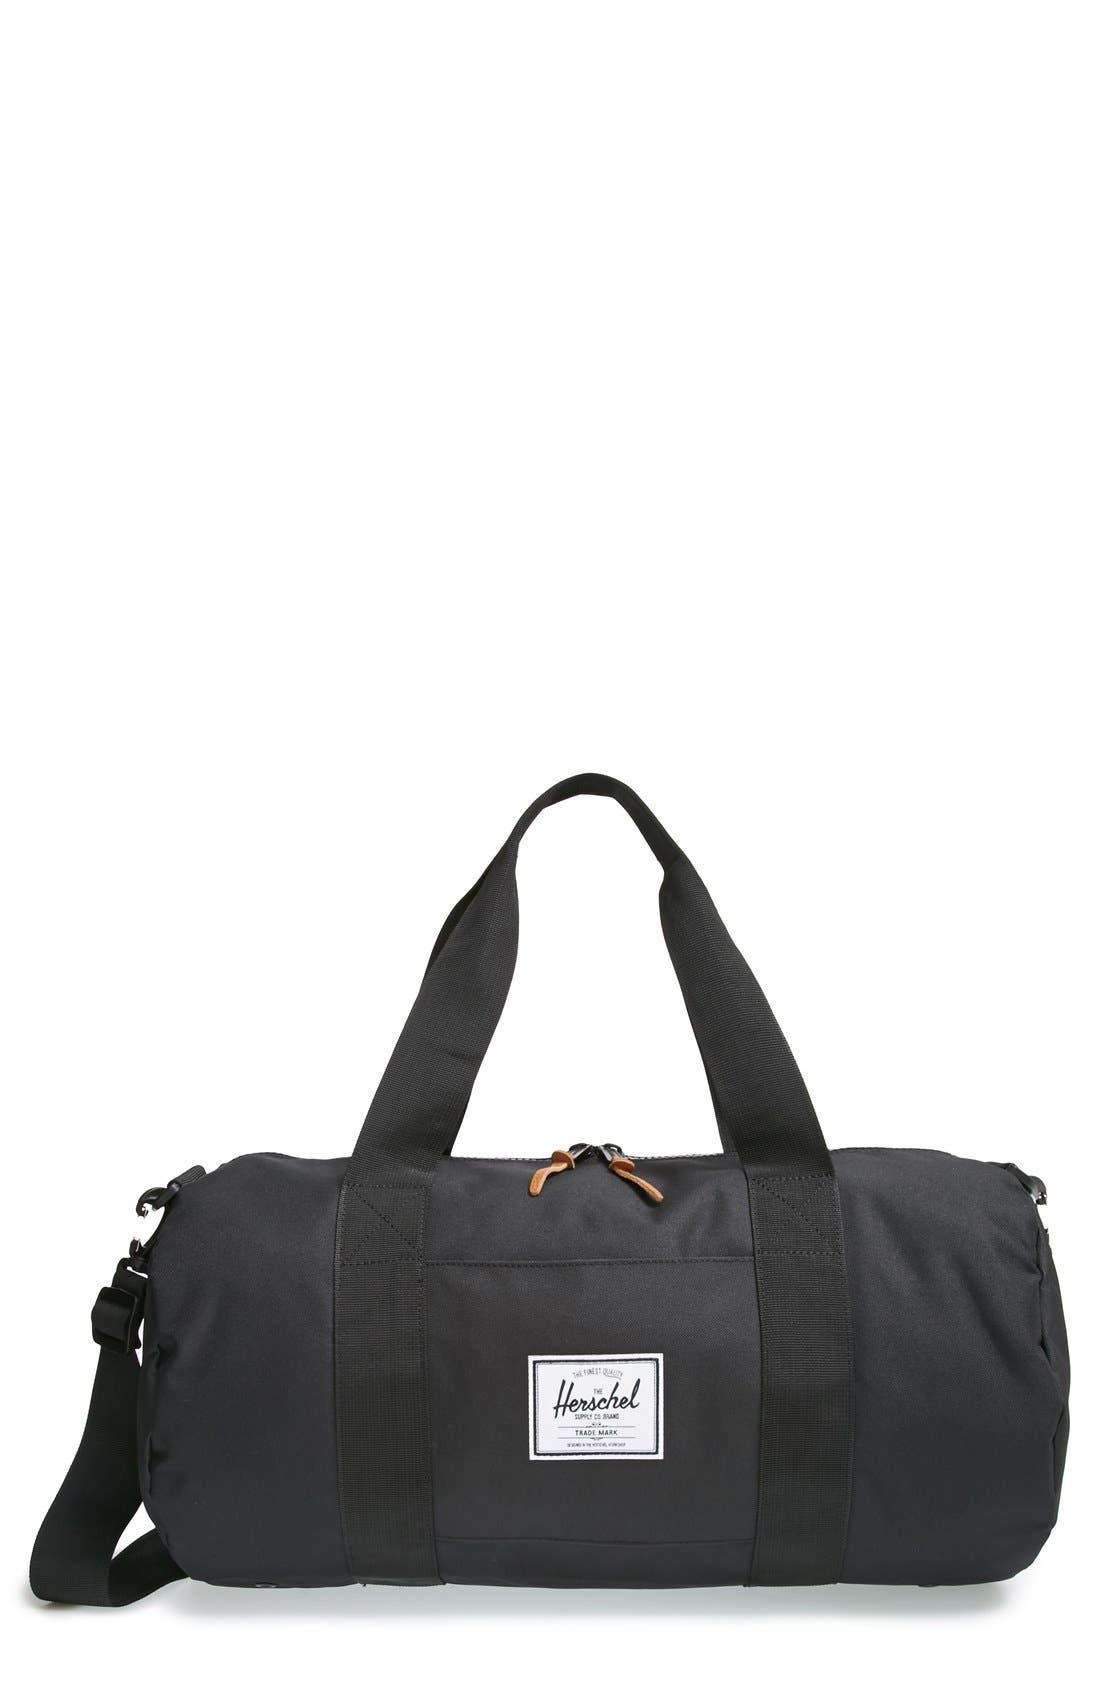 Main Image - Herschel Supply Co. 'Sutton - Mid Volume' Duffel Bag